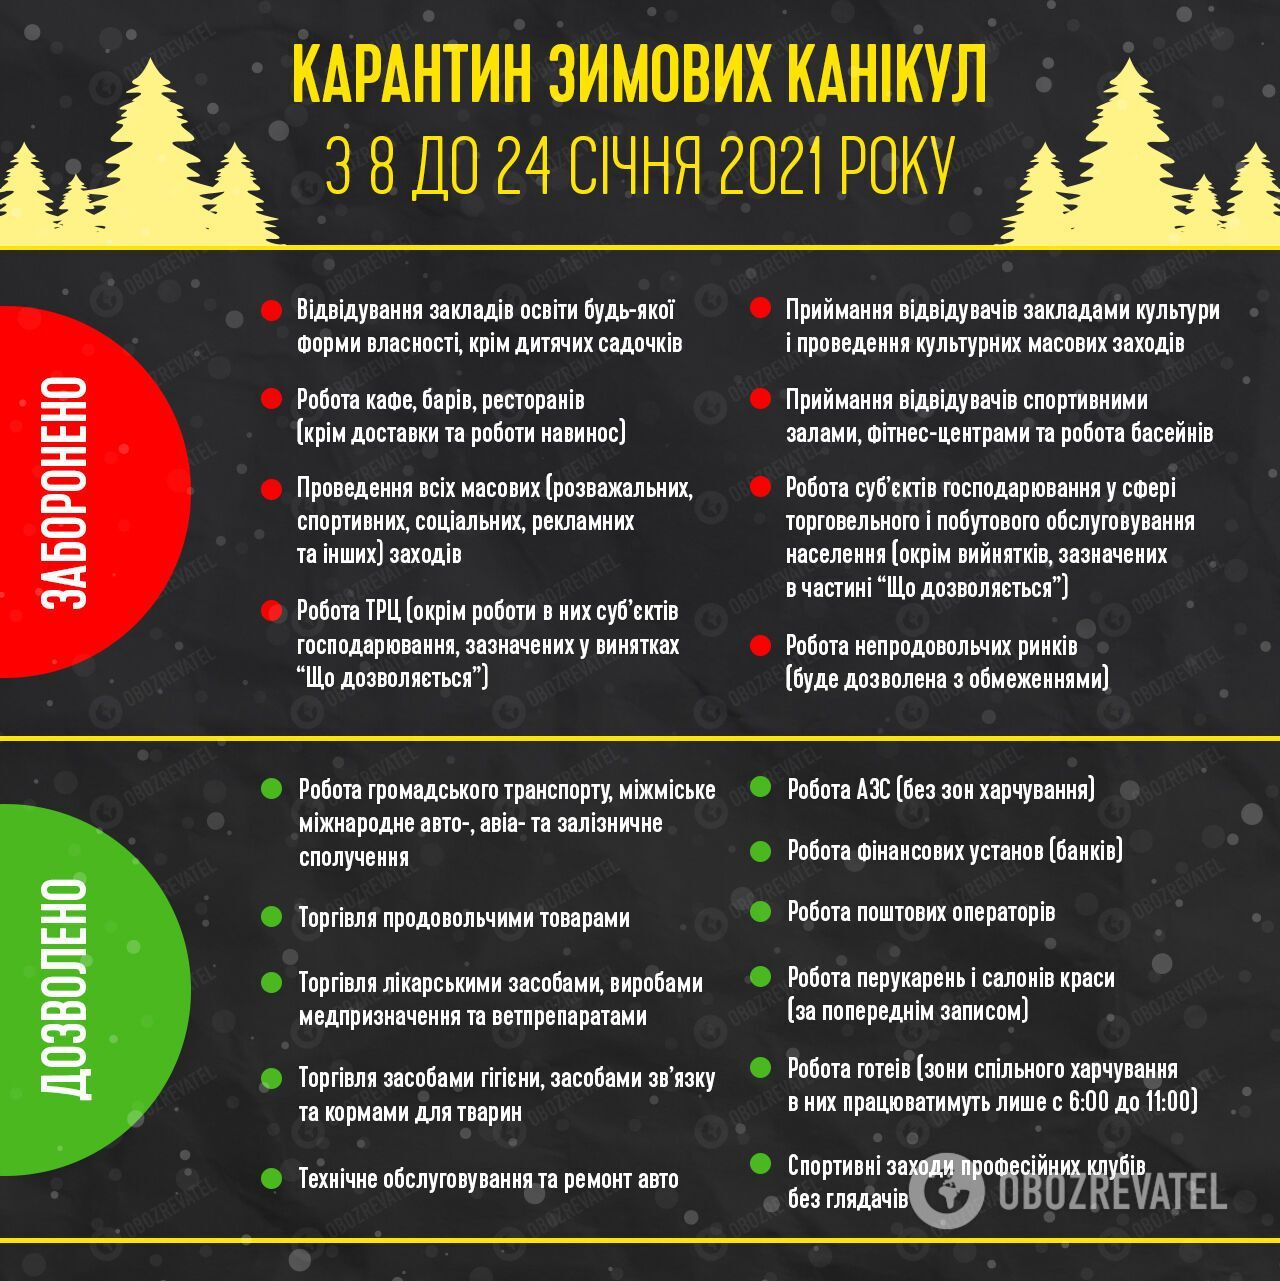 Список карантинных ограничений